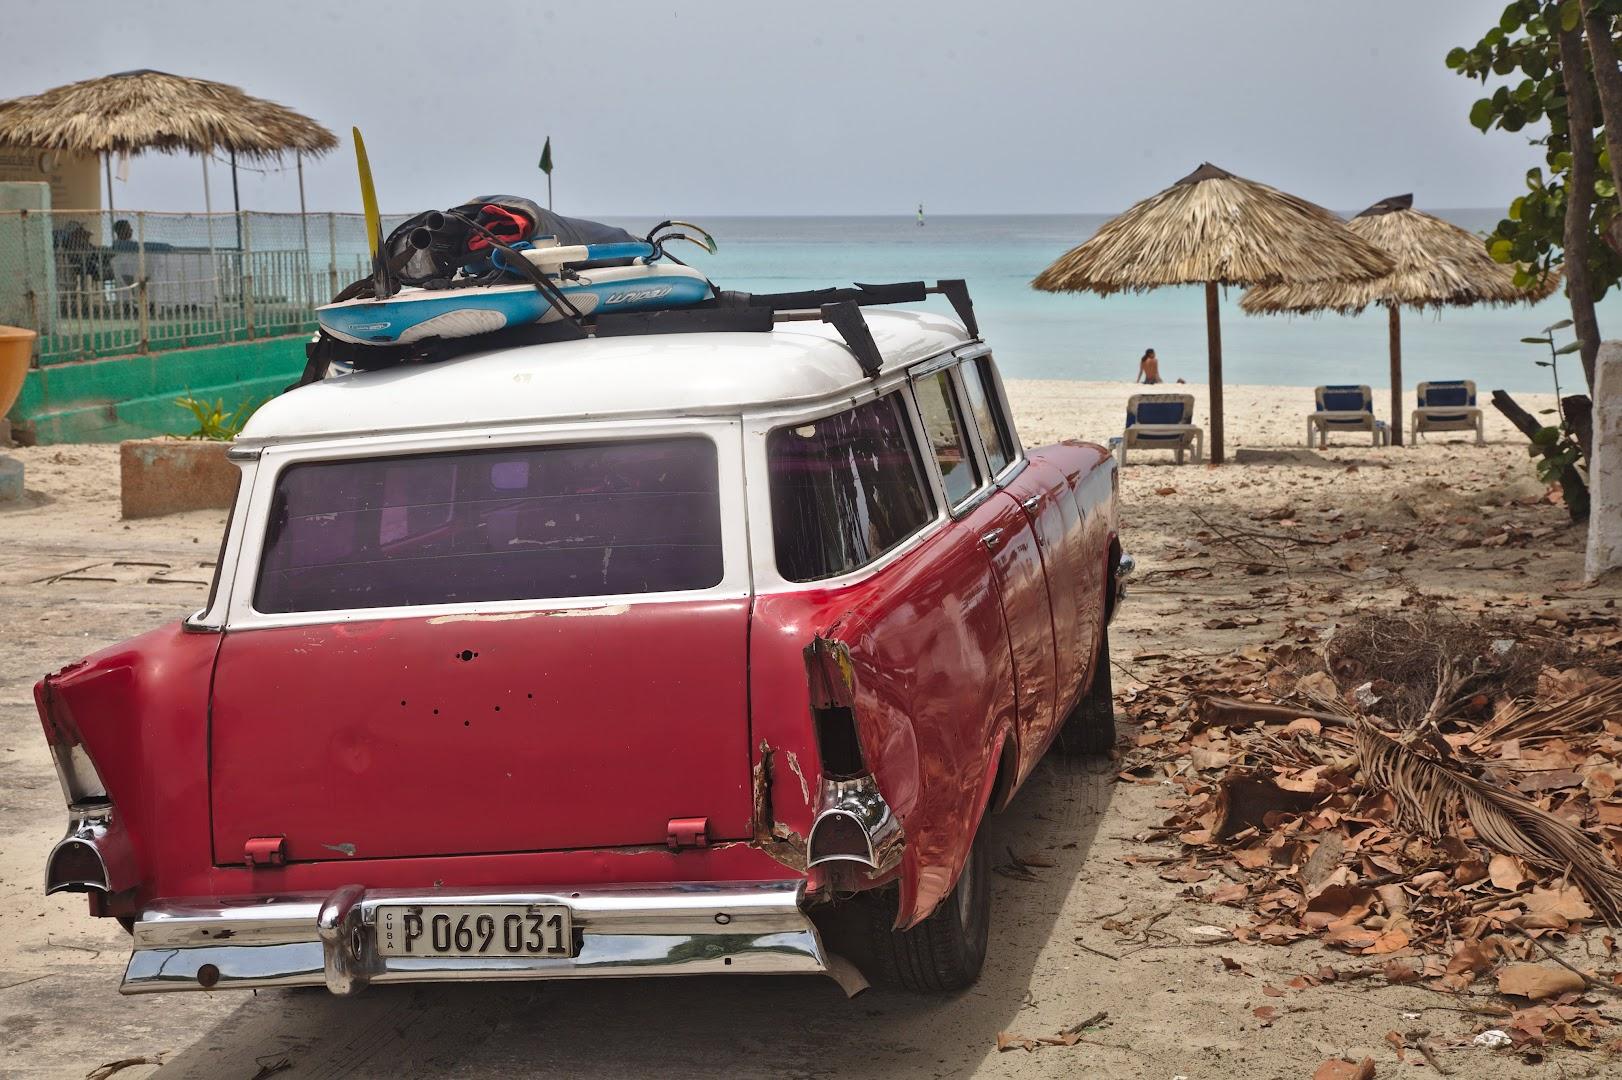 Cuban hippies at the beach